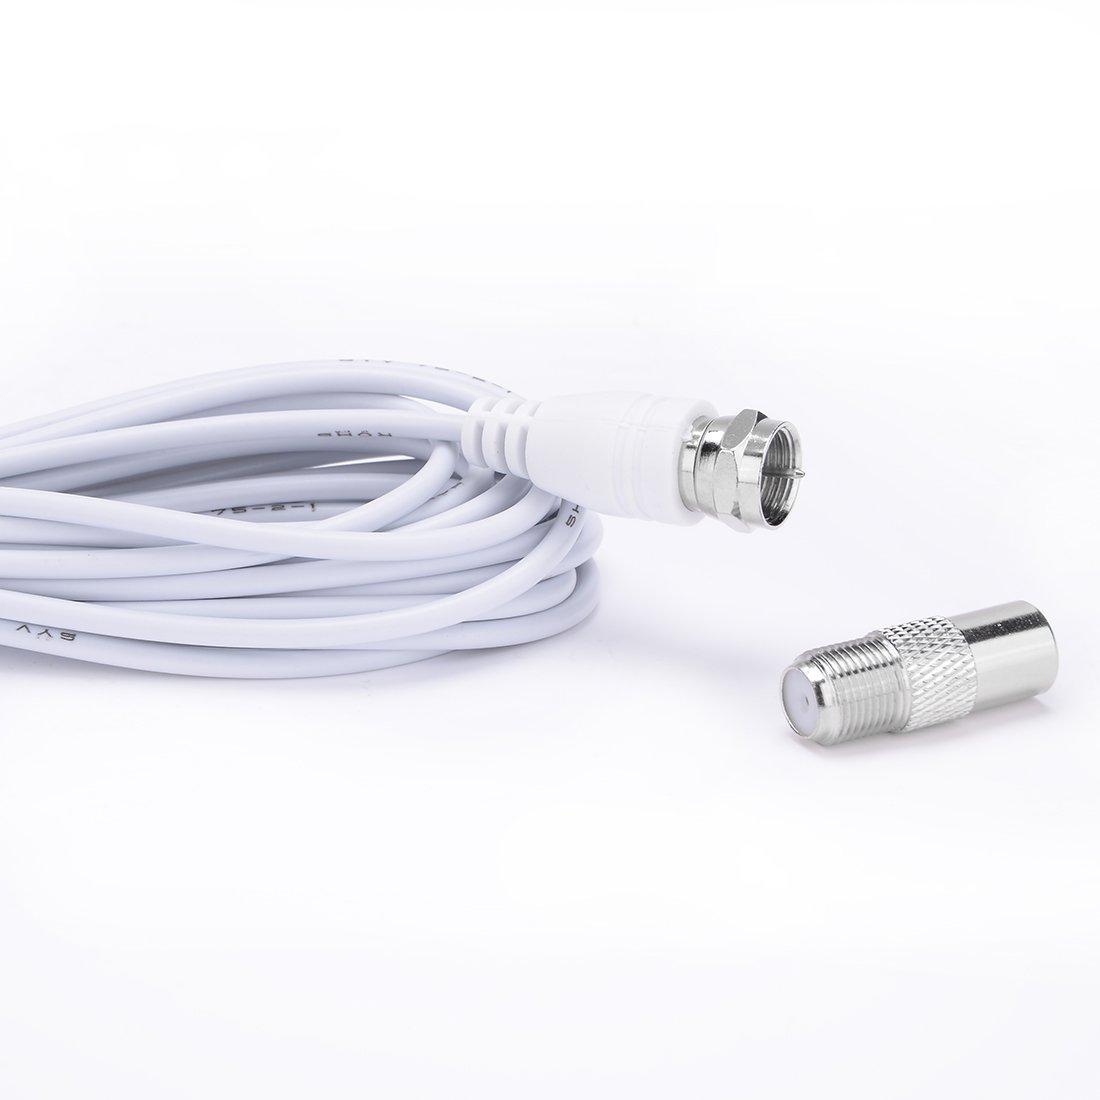 Amazon.com: eDealMax 25 millas de alcance Antena HDTV Digital Con cubierta DE 16 pies de Largo por Cable: Electronics